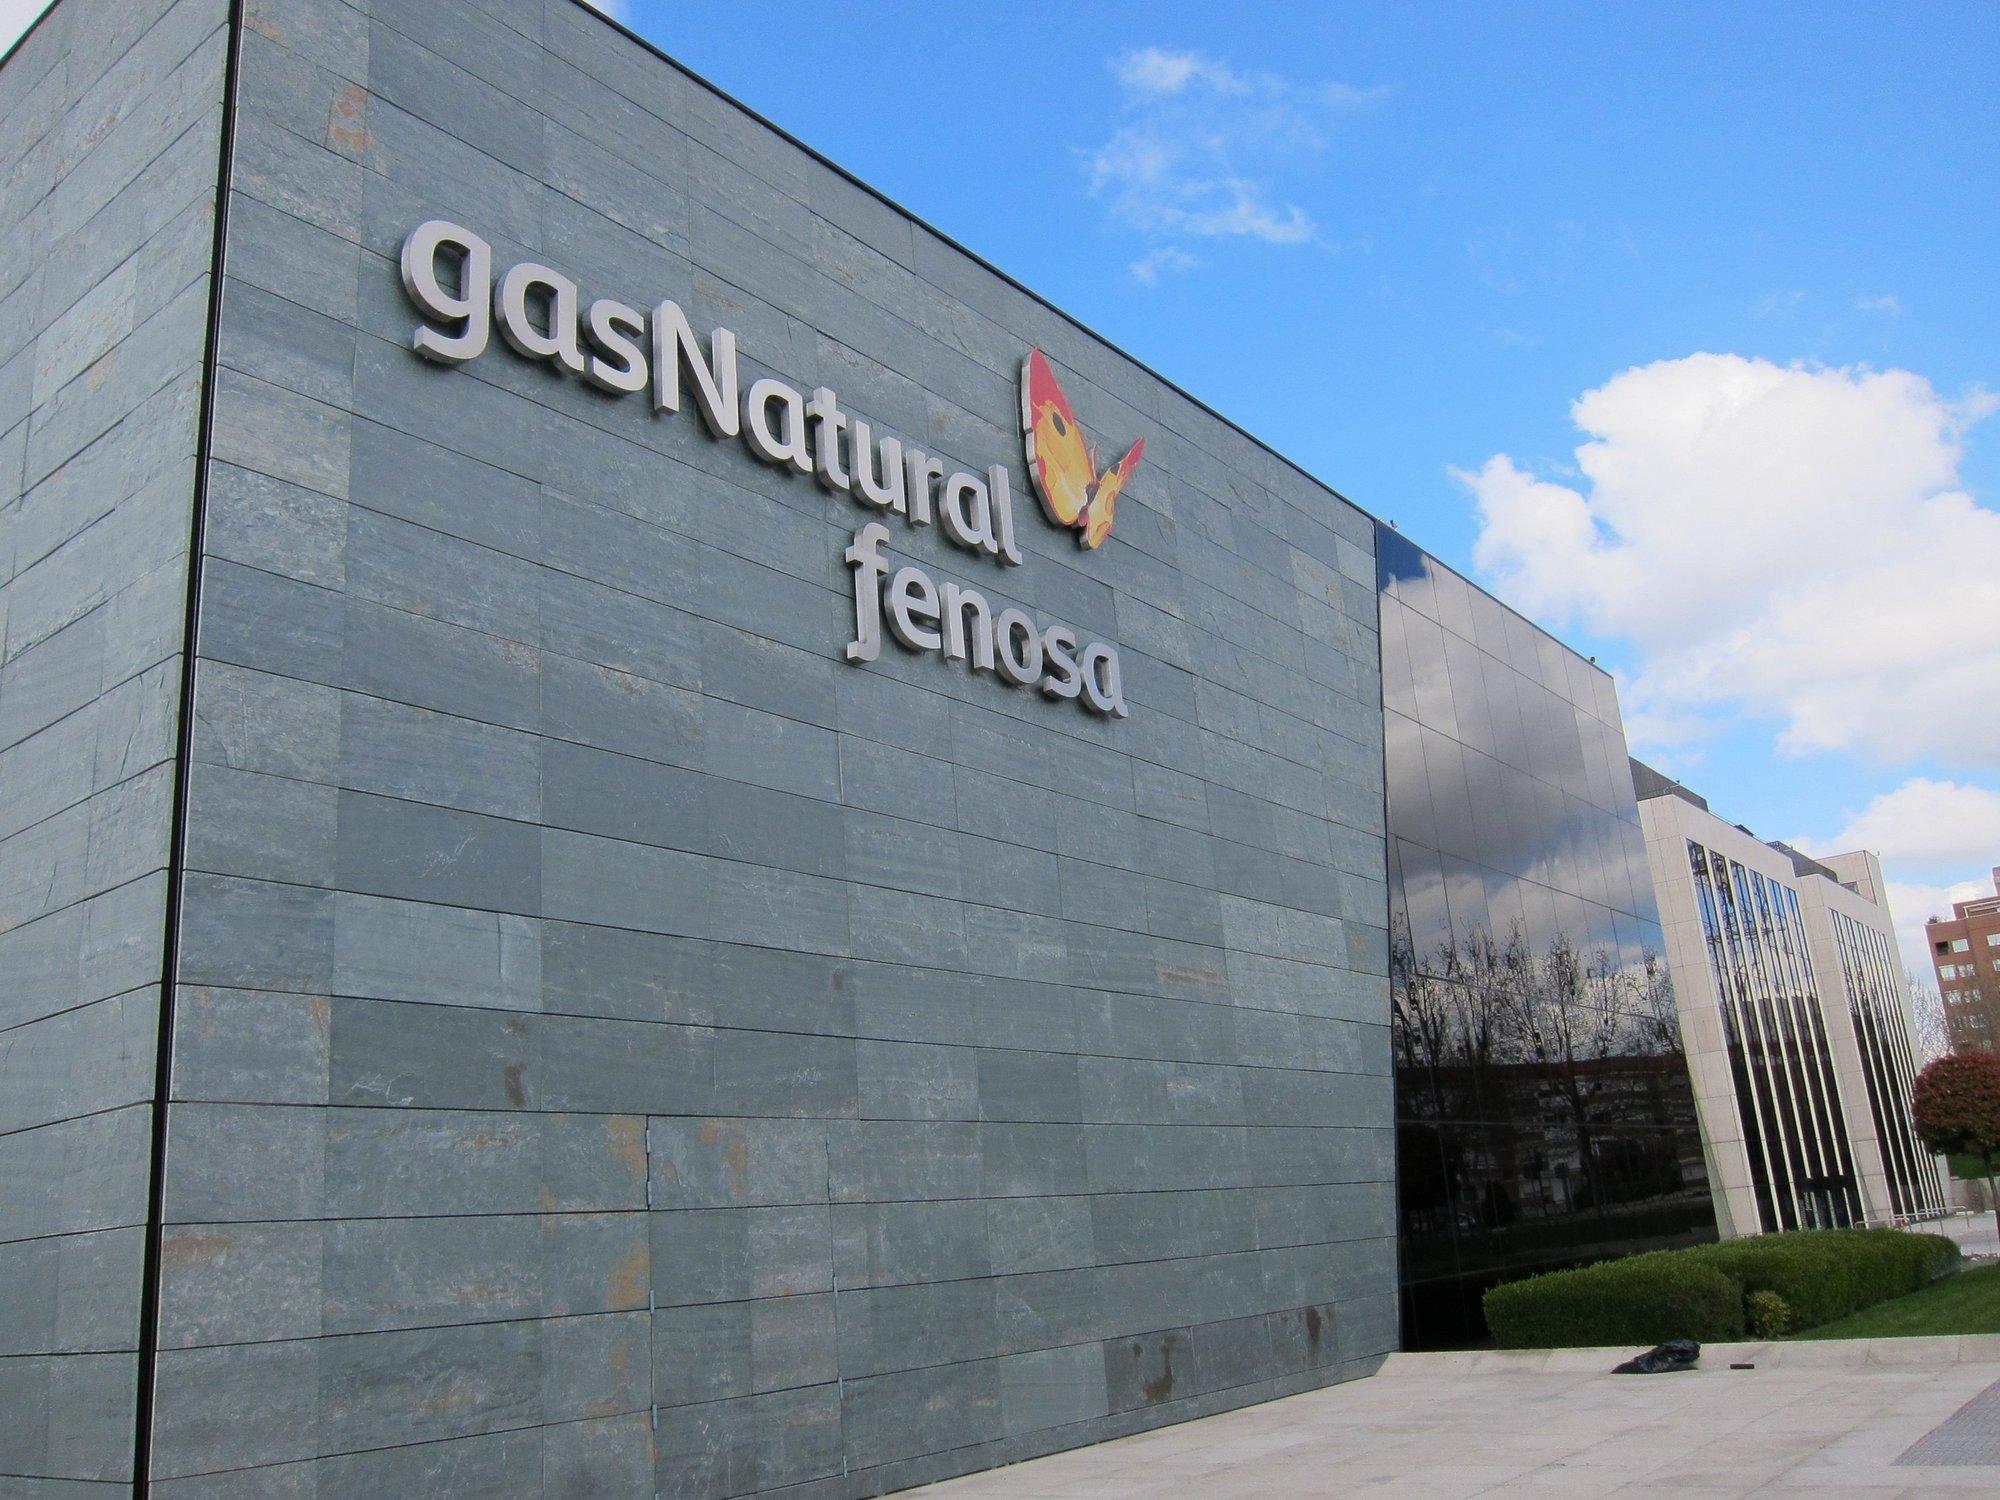 Gas Natural Fenosa ganó 1.325 millones en 2011, un 10,3% más